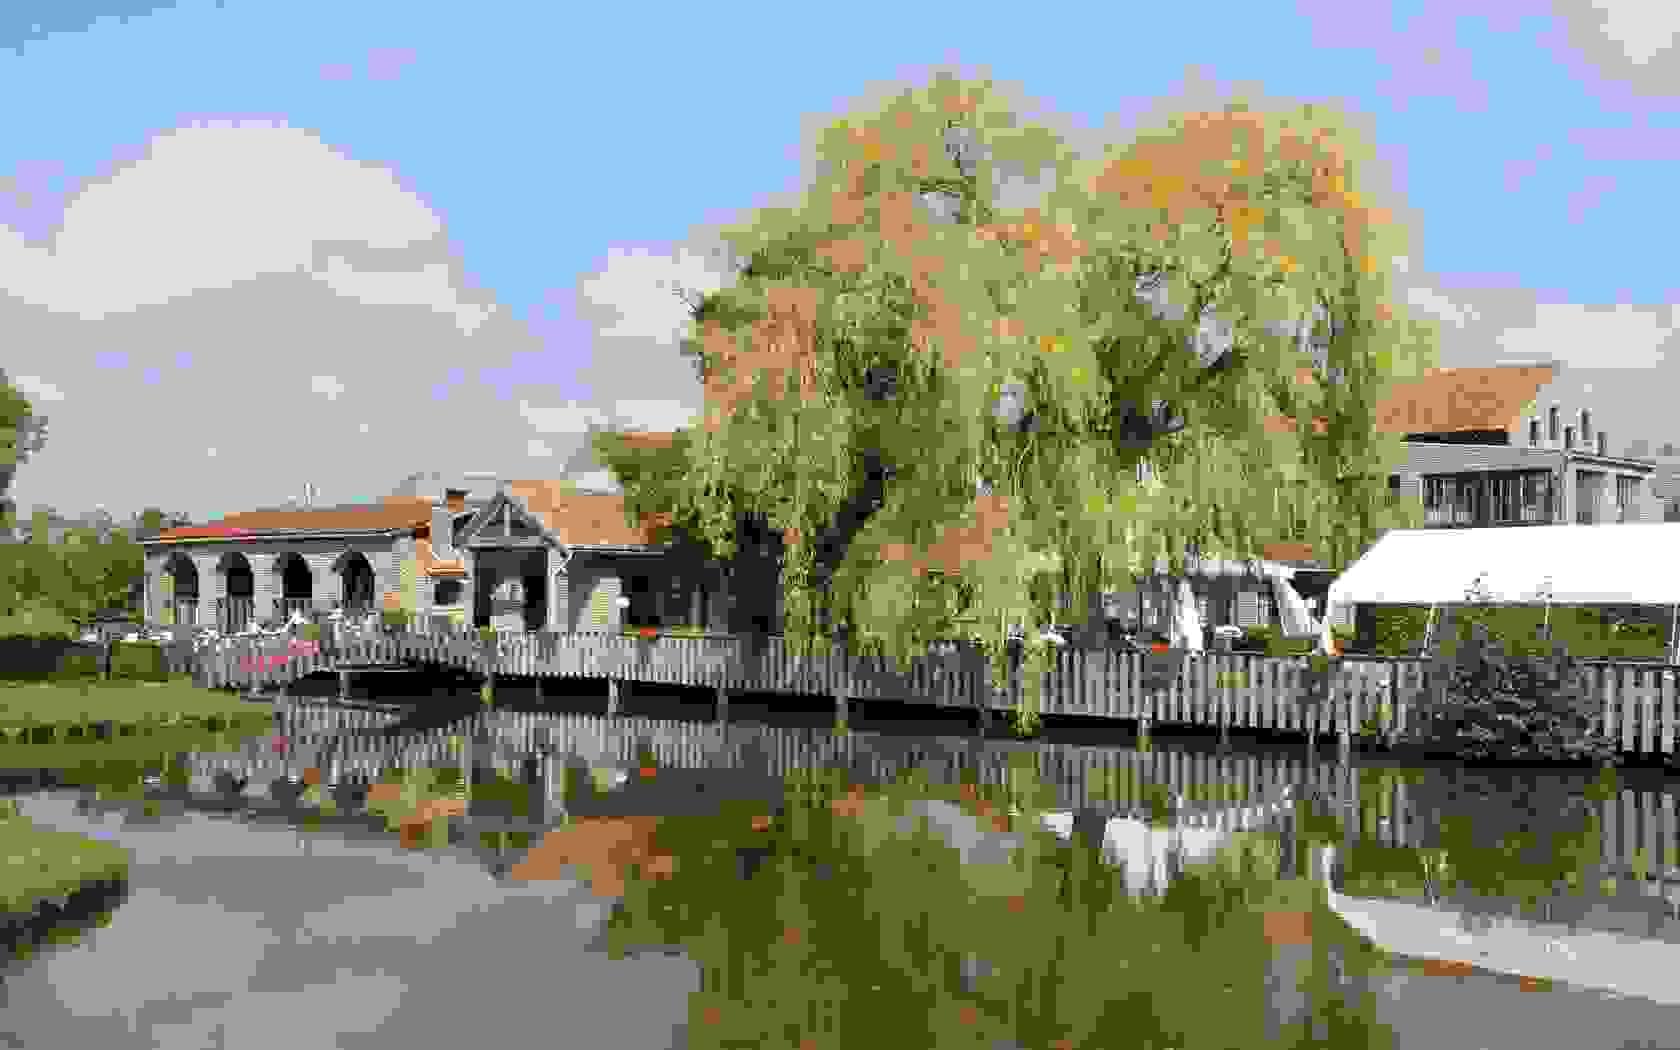 congres Linter - Een magnifieke locatie voor een congres op een geringe afstand van Linter - De Waterhoek